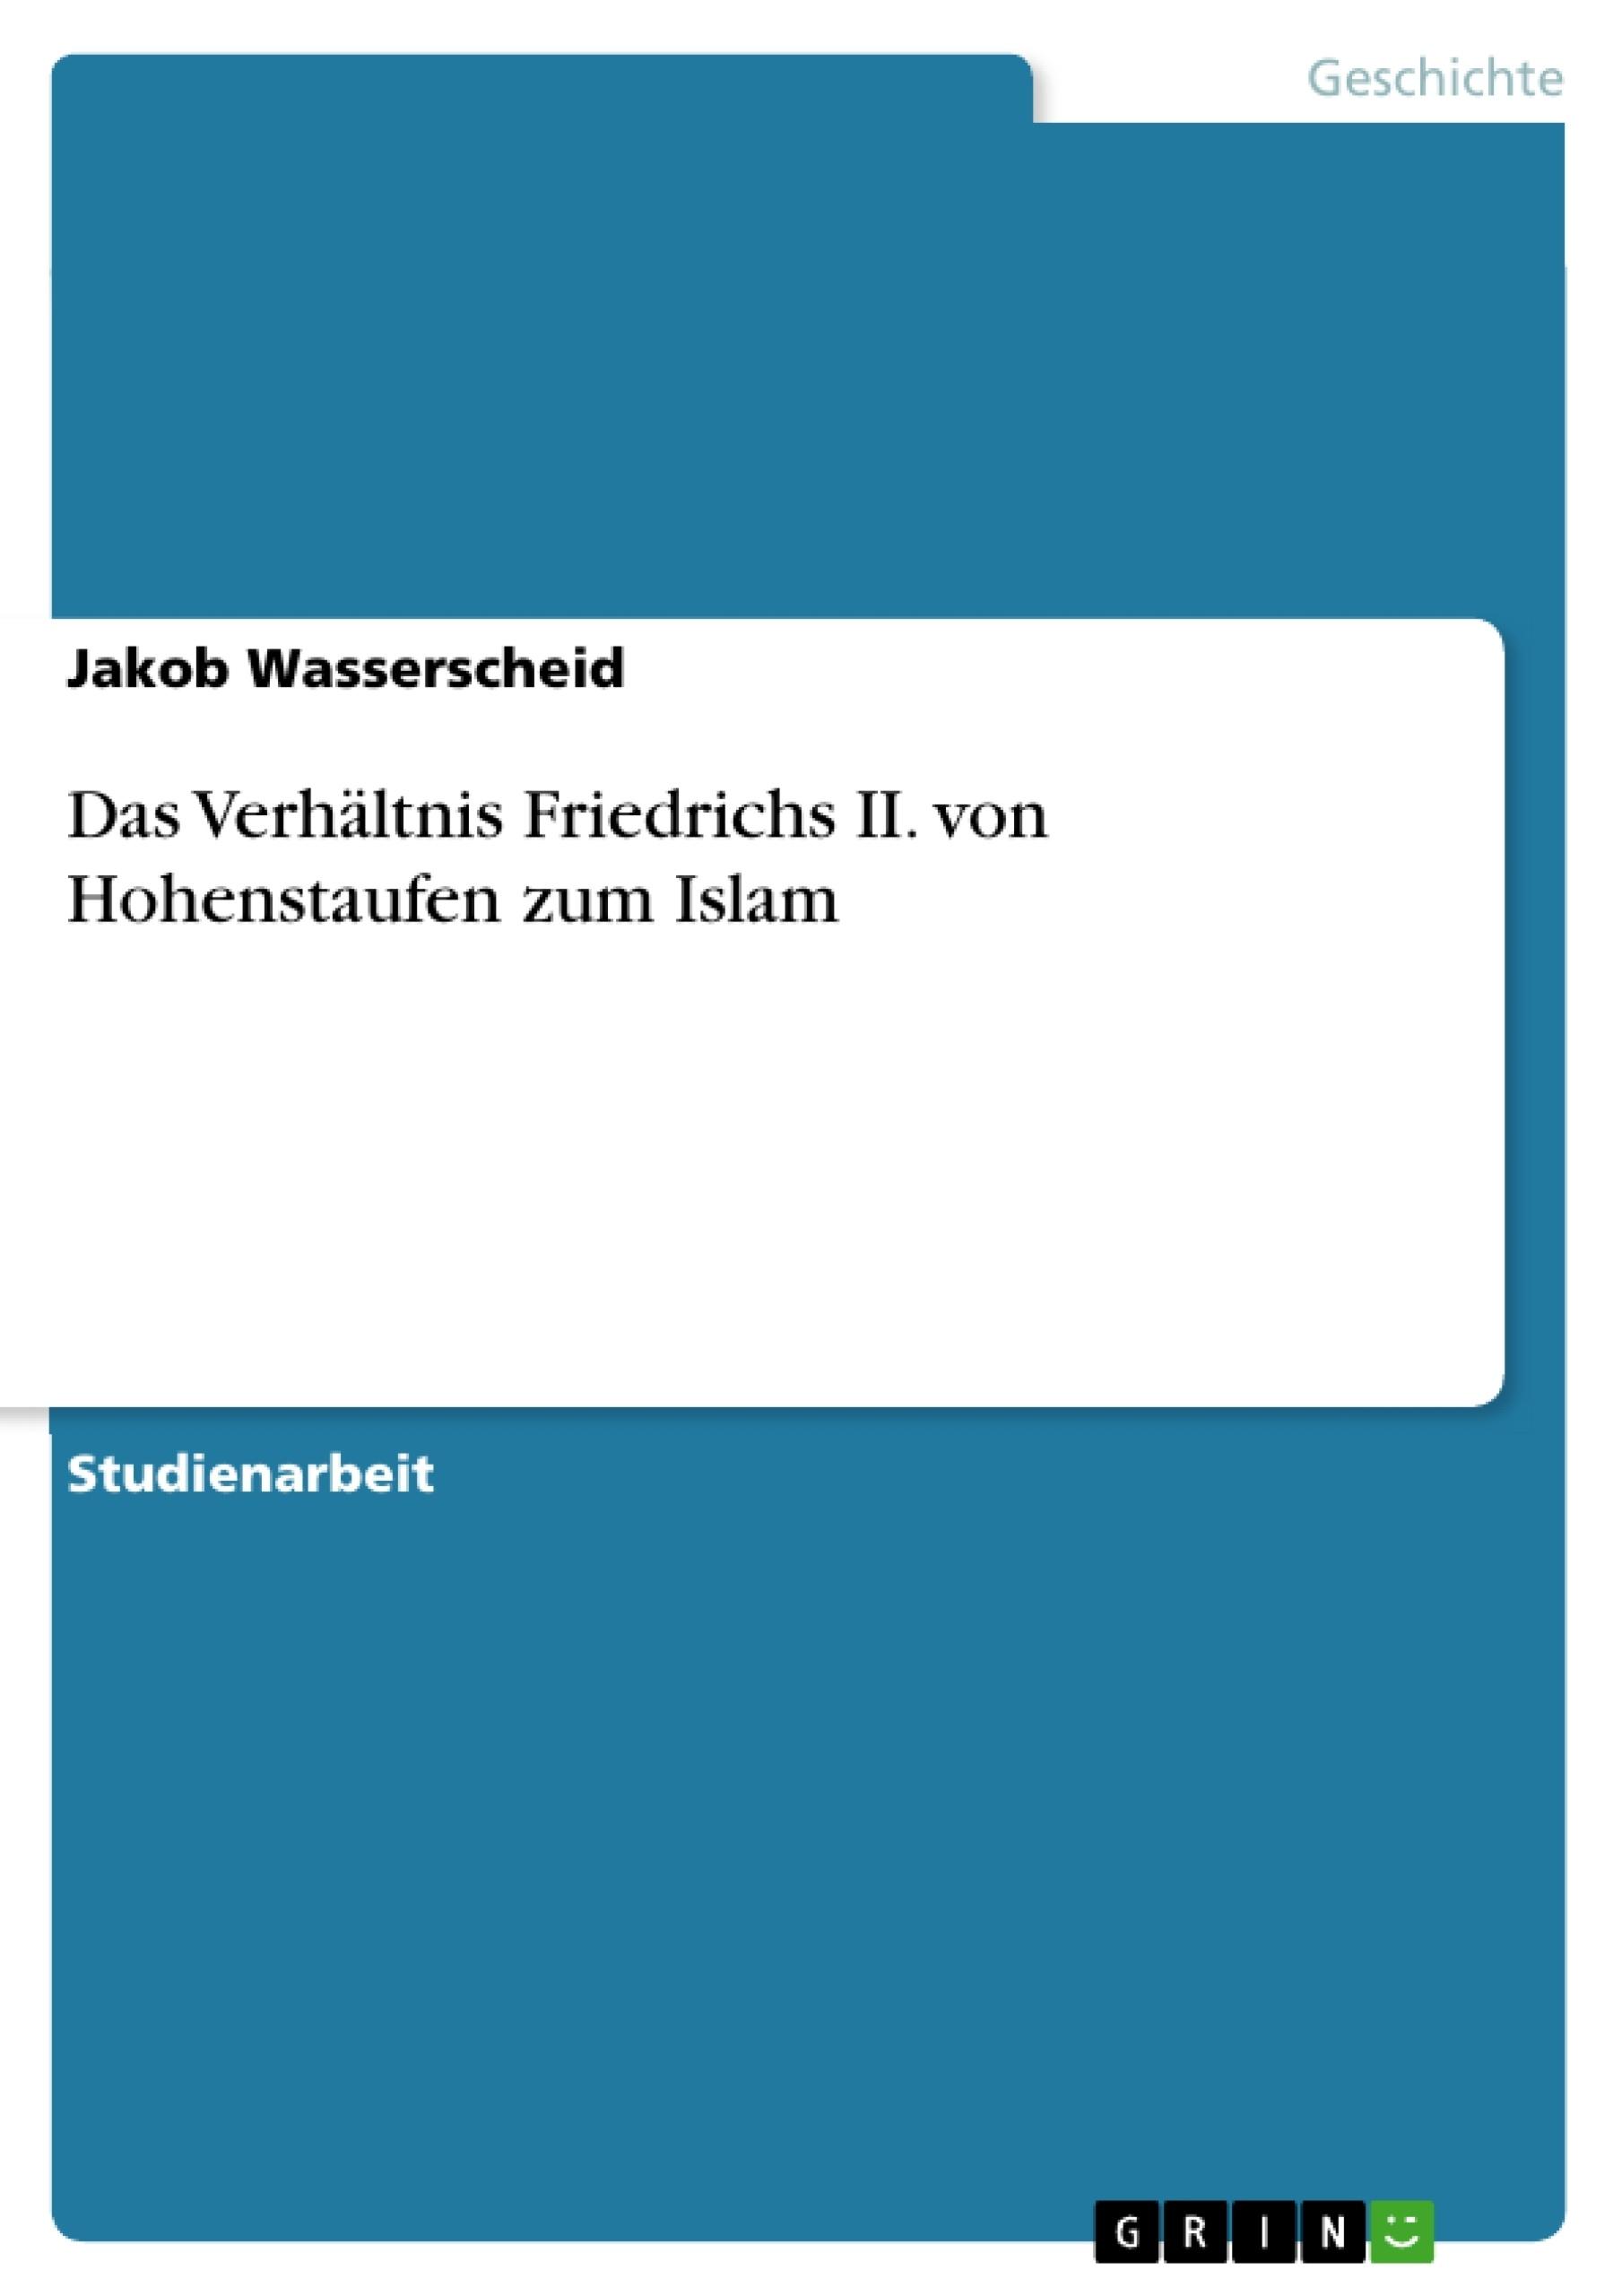 Titel: Das Verhältnis Friedrichs II. von Hohenstaufen zum Islam